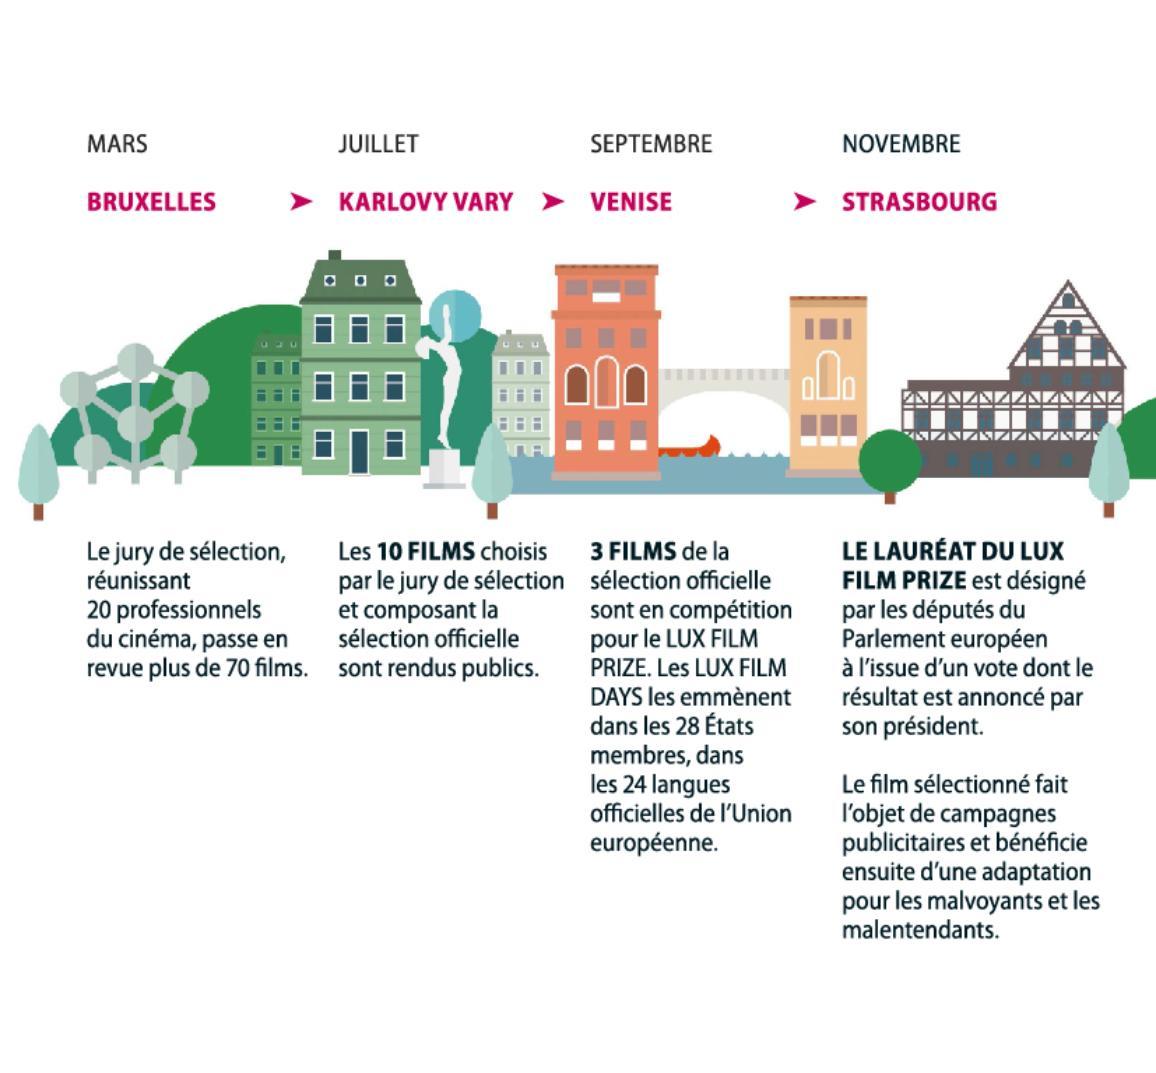 Détails des villes et des dates où sont sélectionnés les films pour le Prix LUX